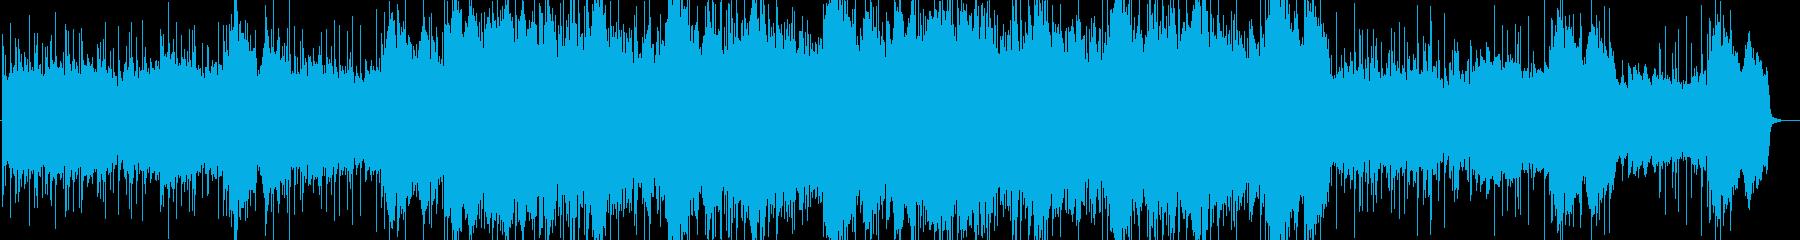 オーケストラと電子楽器の現代的なミックスの再生済みの波形